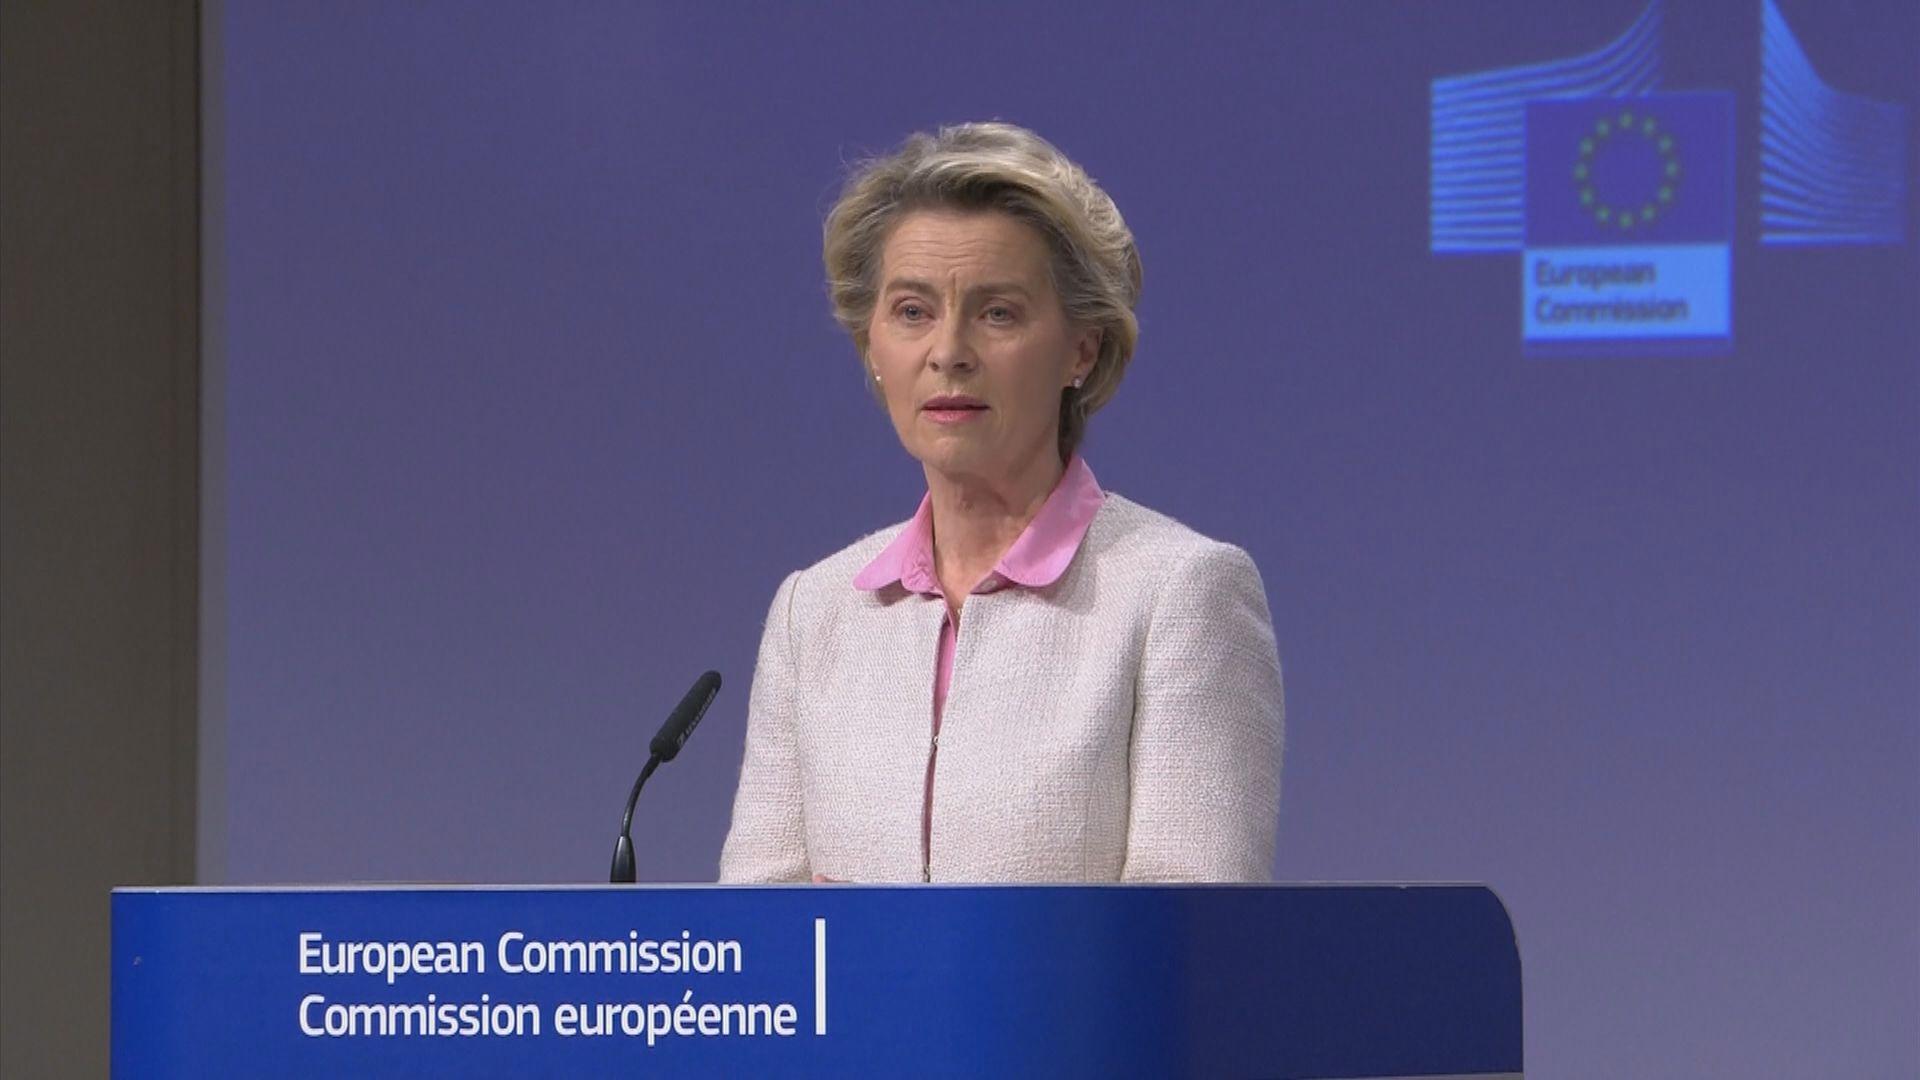 【貿協達成】英揆:英國可重新自主未來 歐盟:脫歐只帶來雙輸